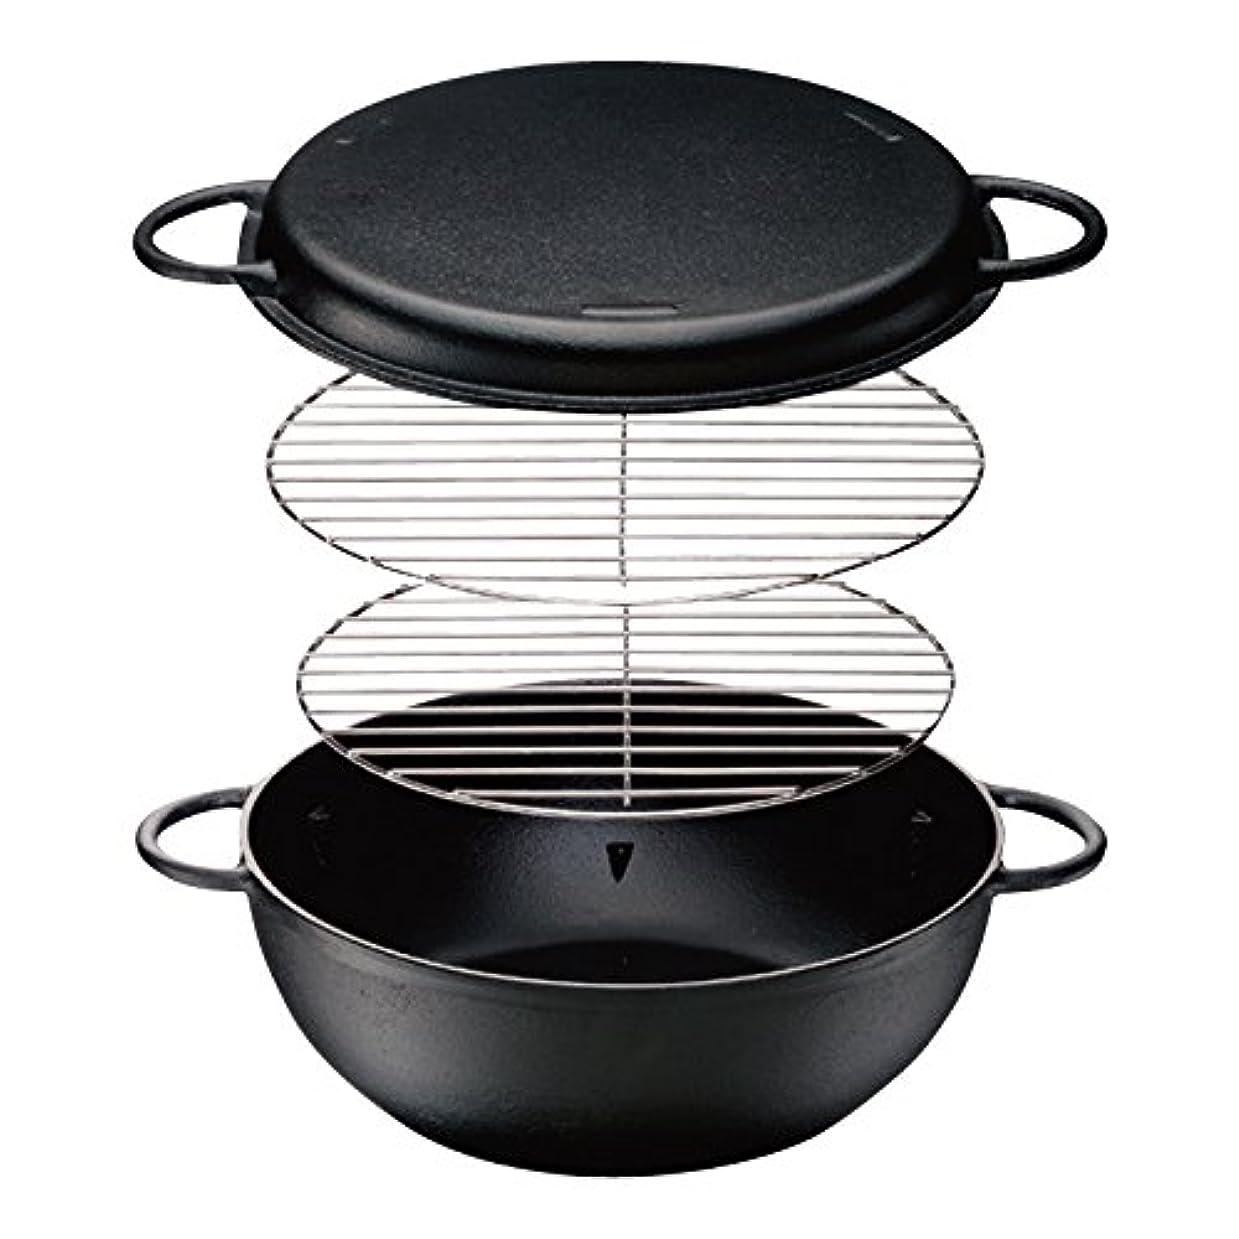 帳面口述するバリケードイシガキ産業 IH対応鉄人鍋 ブラック 33cm 燻製料理 煮込み料理に ほっこりした焼き芋作りに